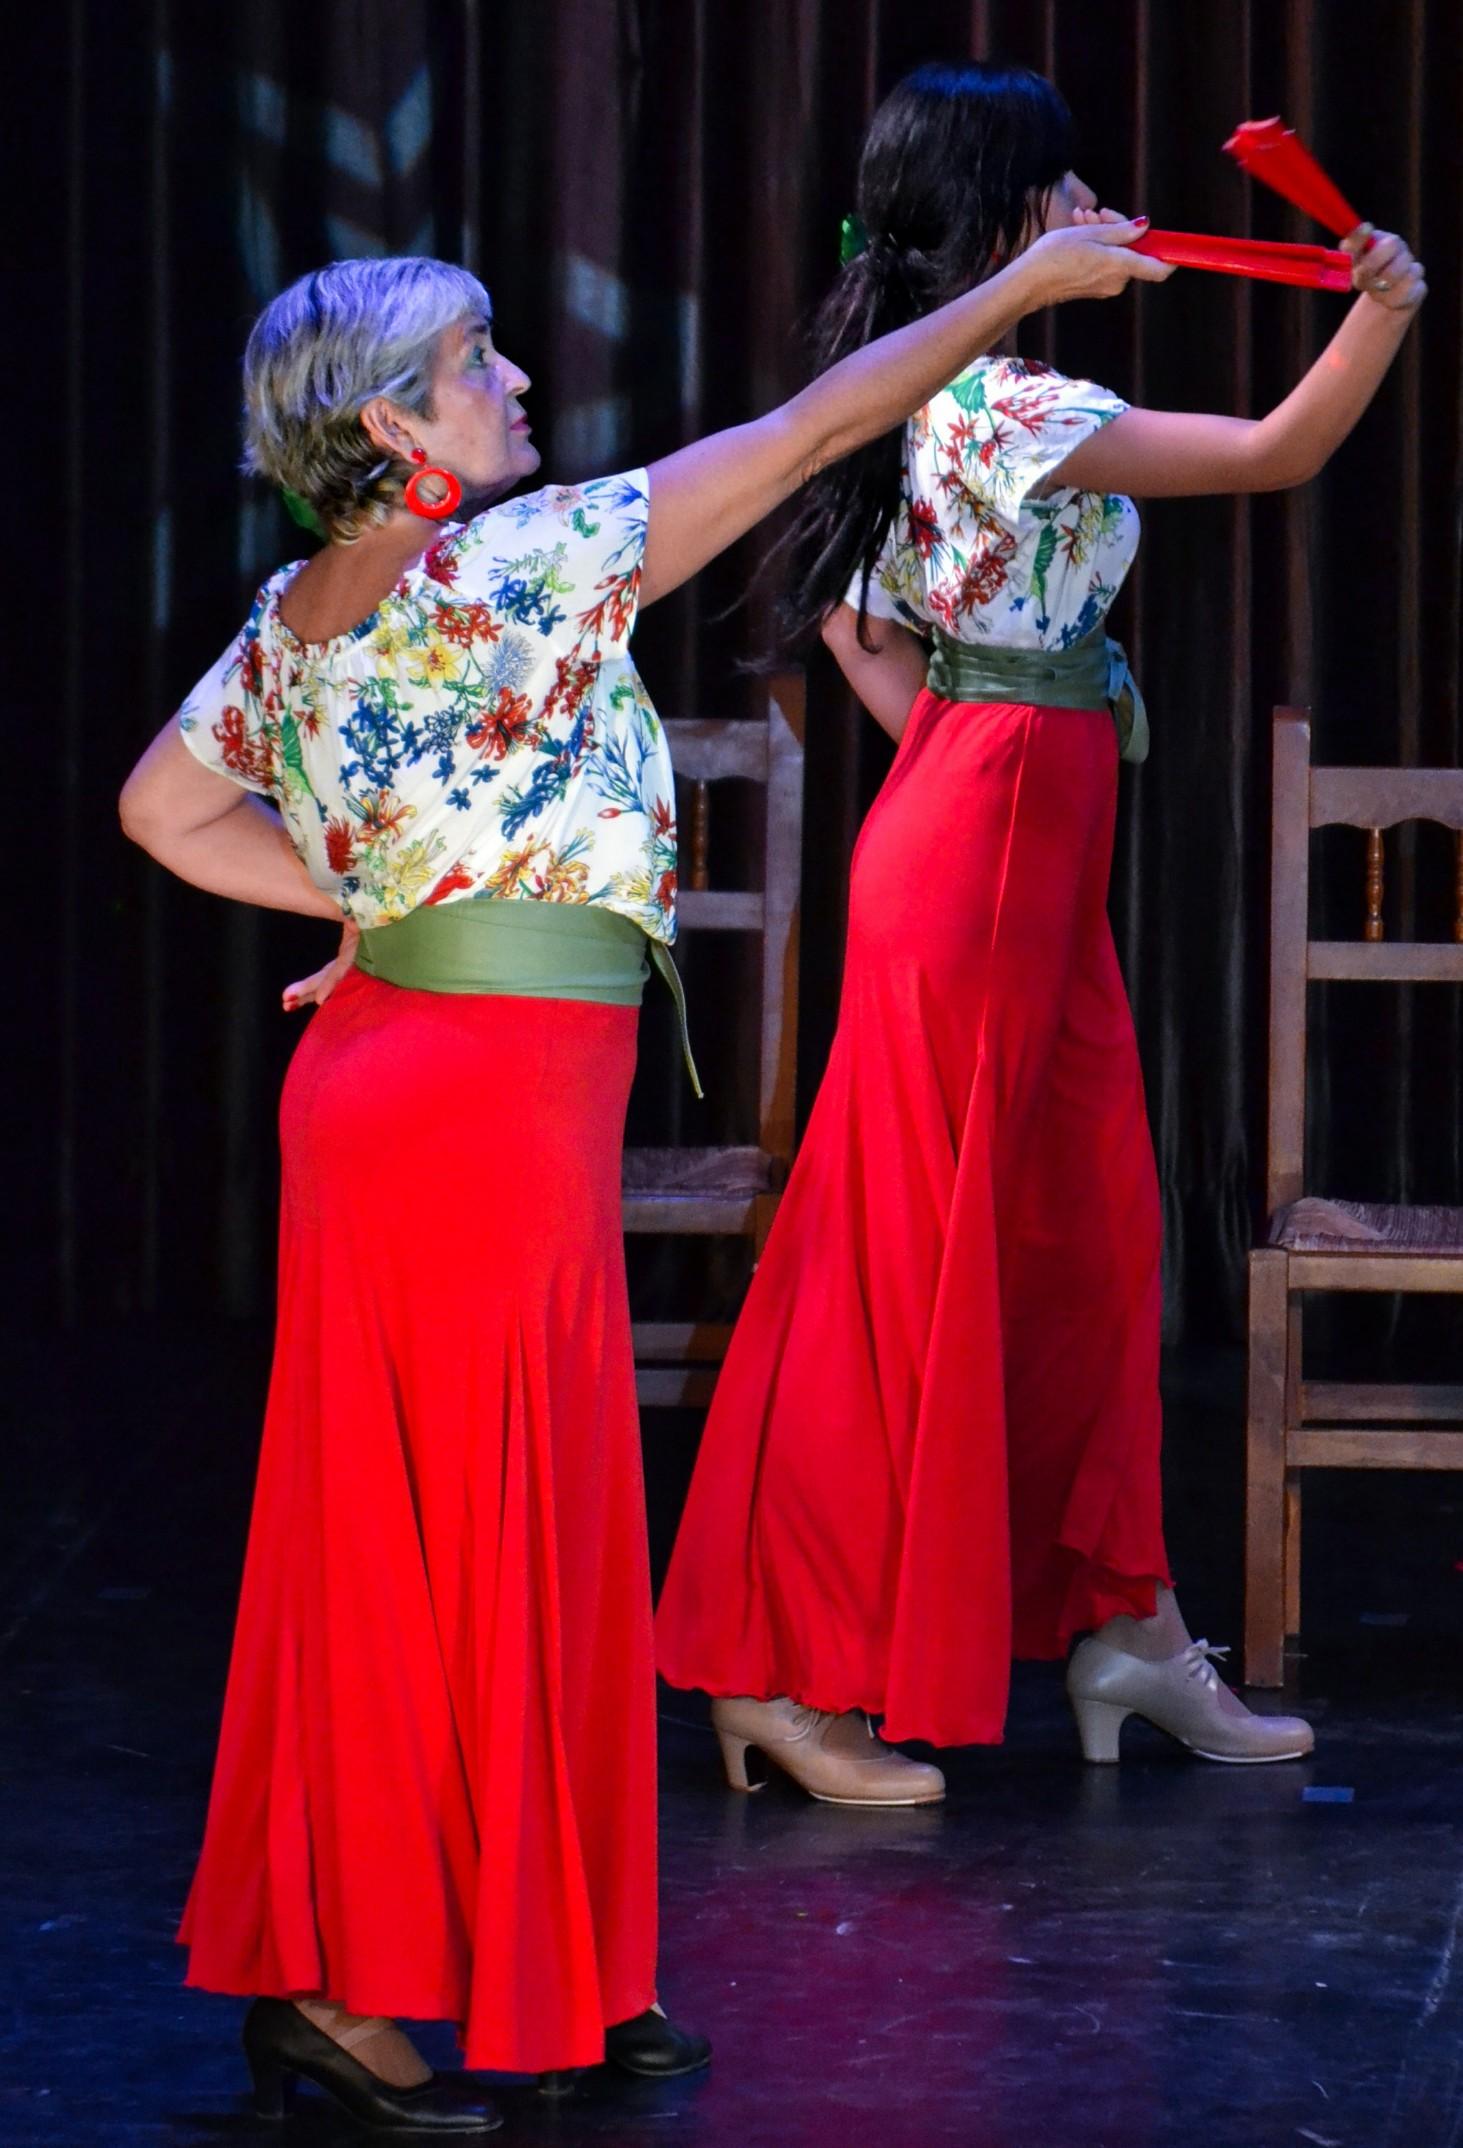 Linea-de-Baile-festival-verano-2015-clases-de-baile-valencia-65